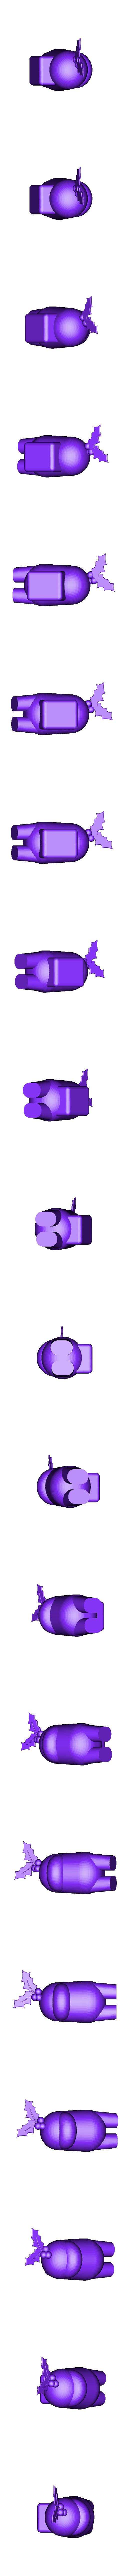 MUERDAGO.stl Télécharger fichier STL PARMI NOUS AVEC LE GUI • Modèle à imprimer en 3D, sebastiancabral719